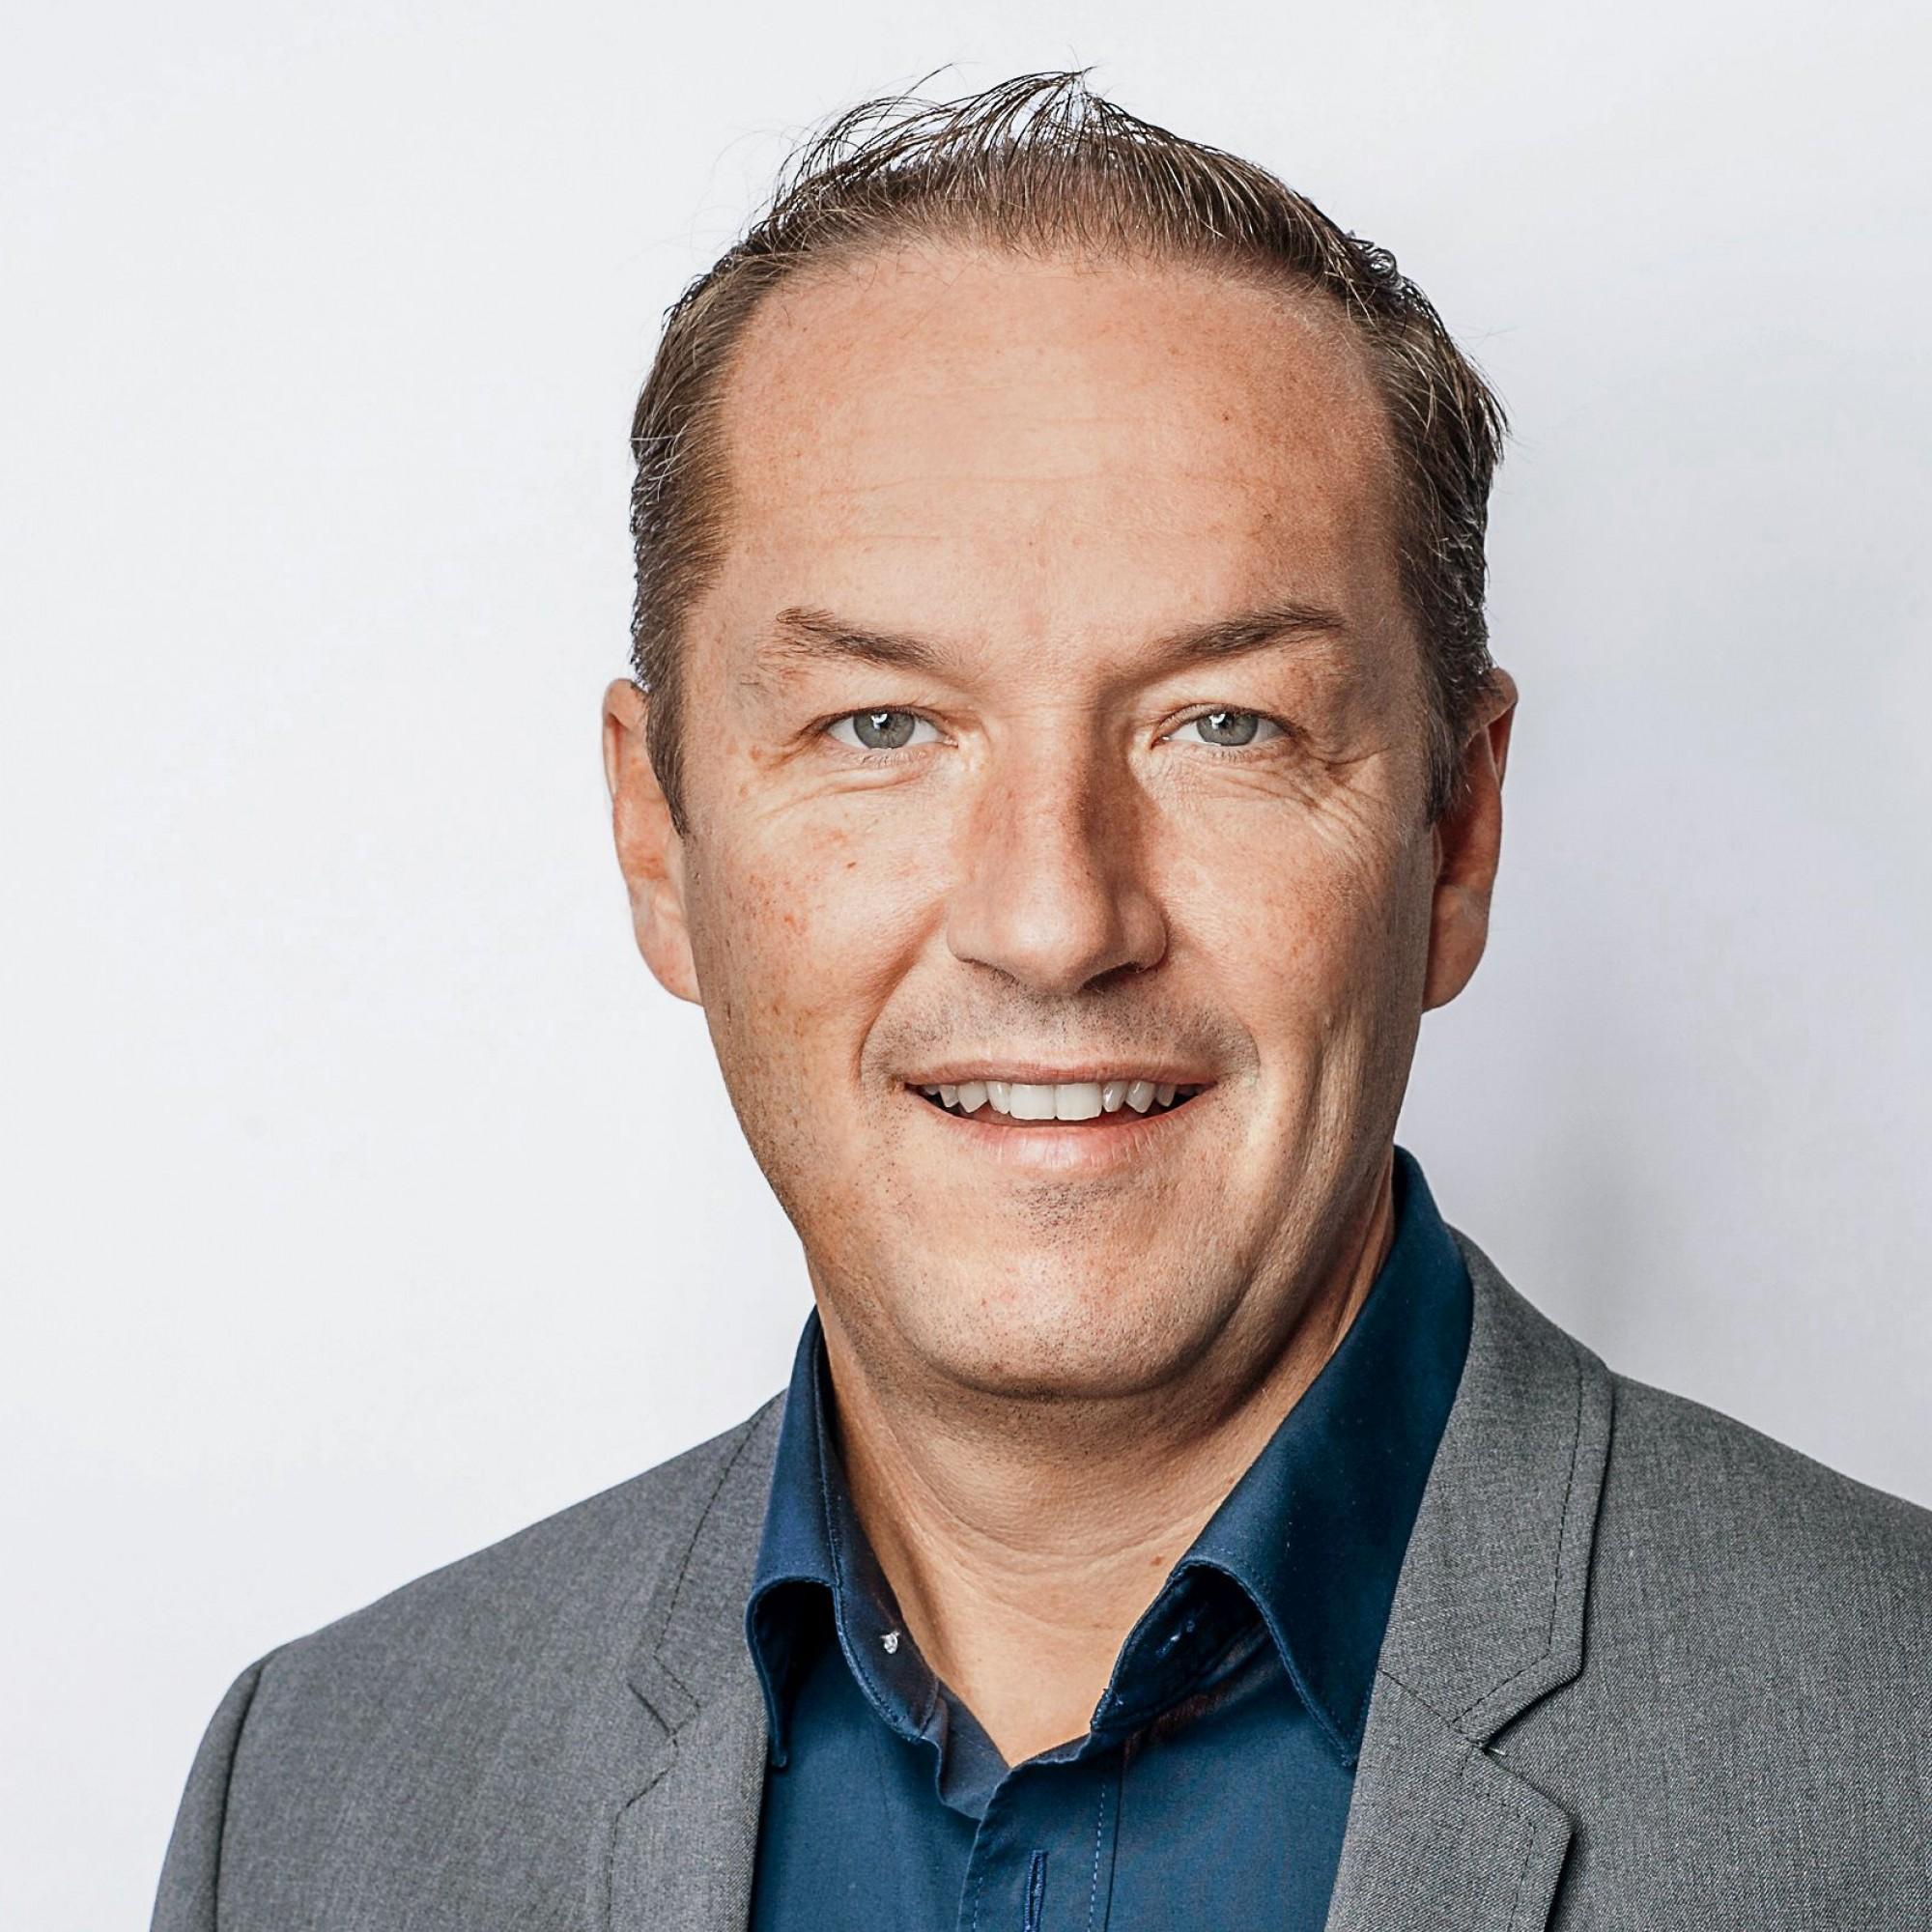 Markus Mettler ist CEO der Halter AG.